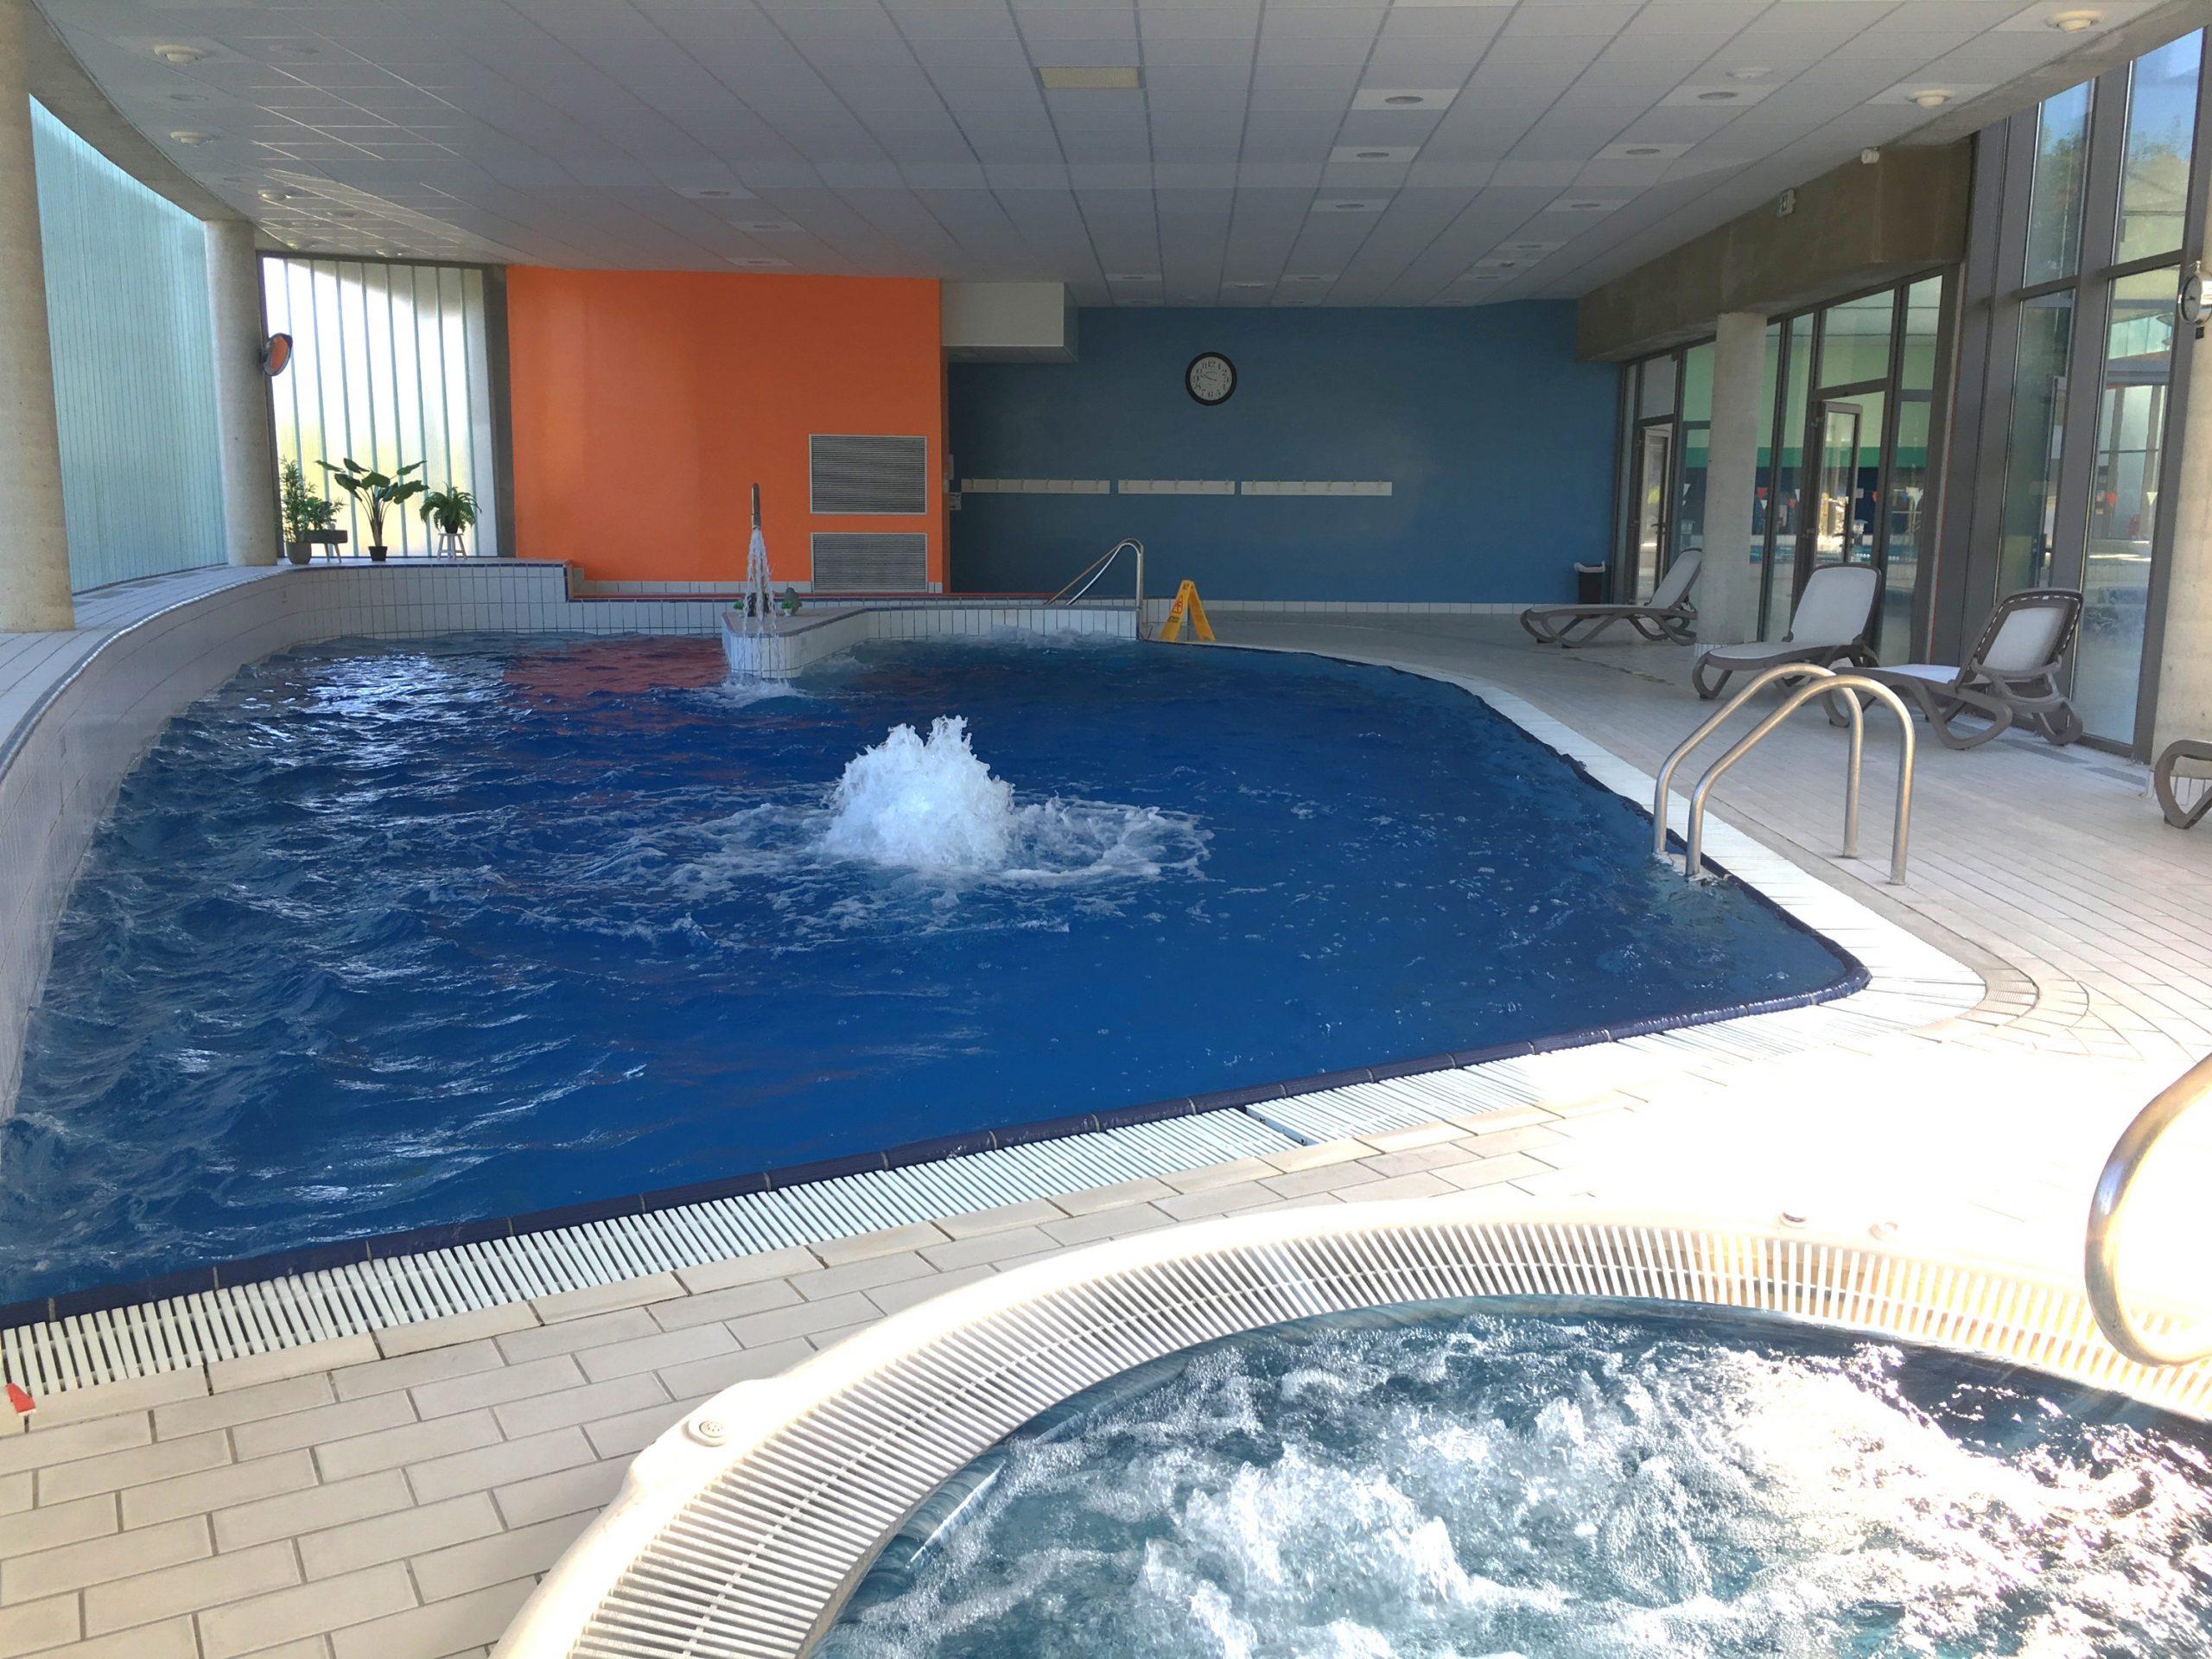 Centre Aquatique | Centre Aquatique Des Capucins | France dedans Piscine Coulommiers Horaires